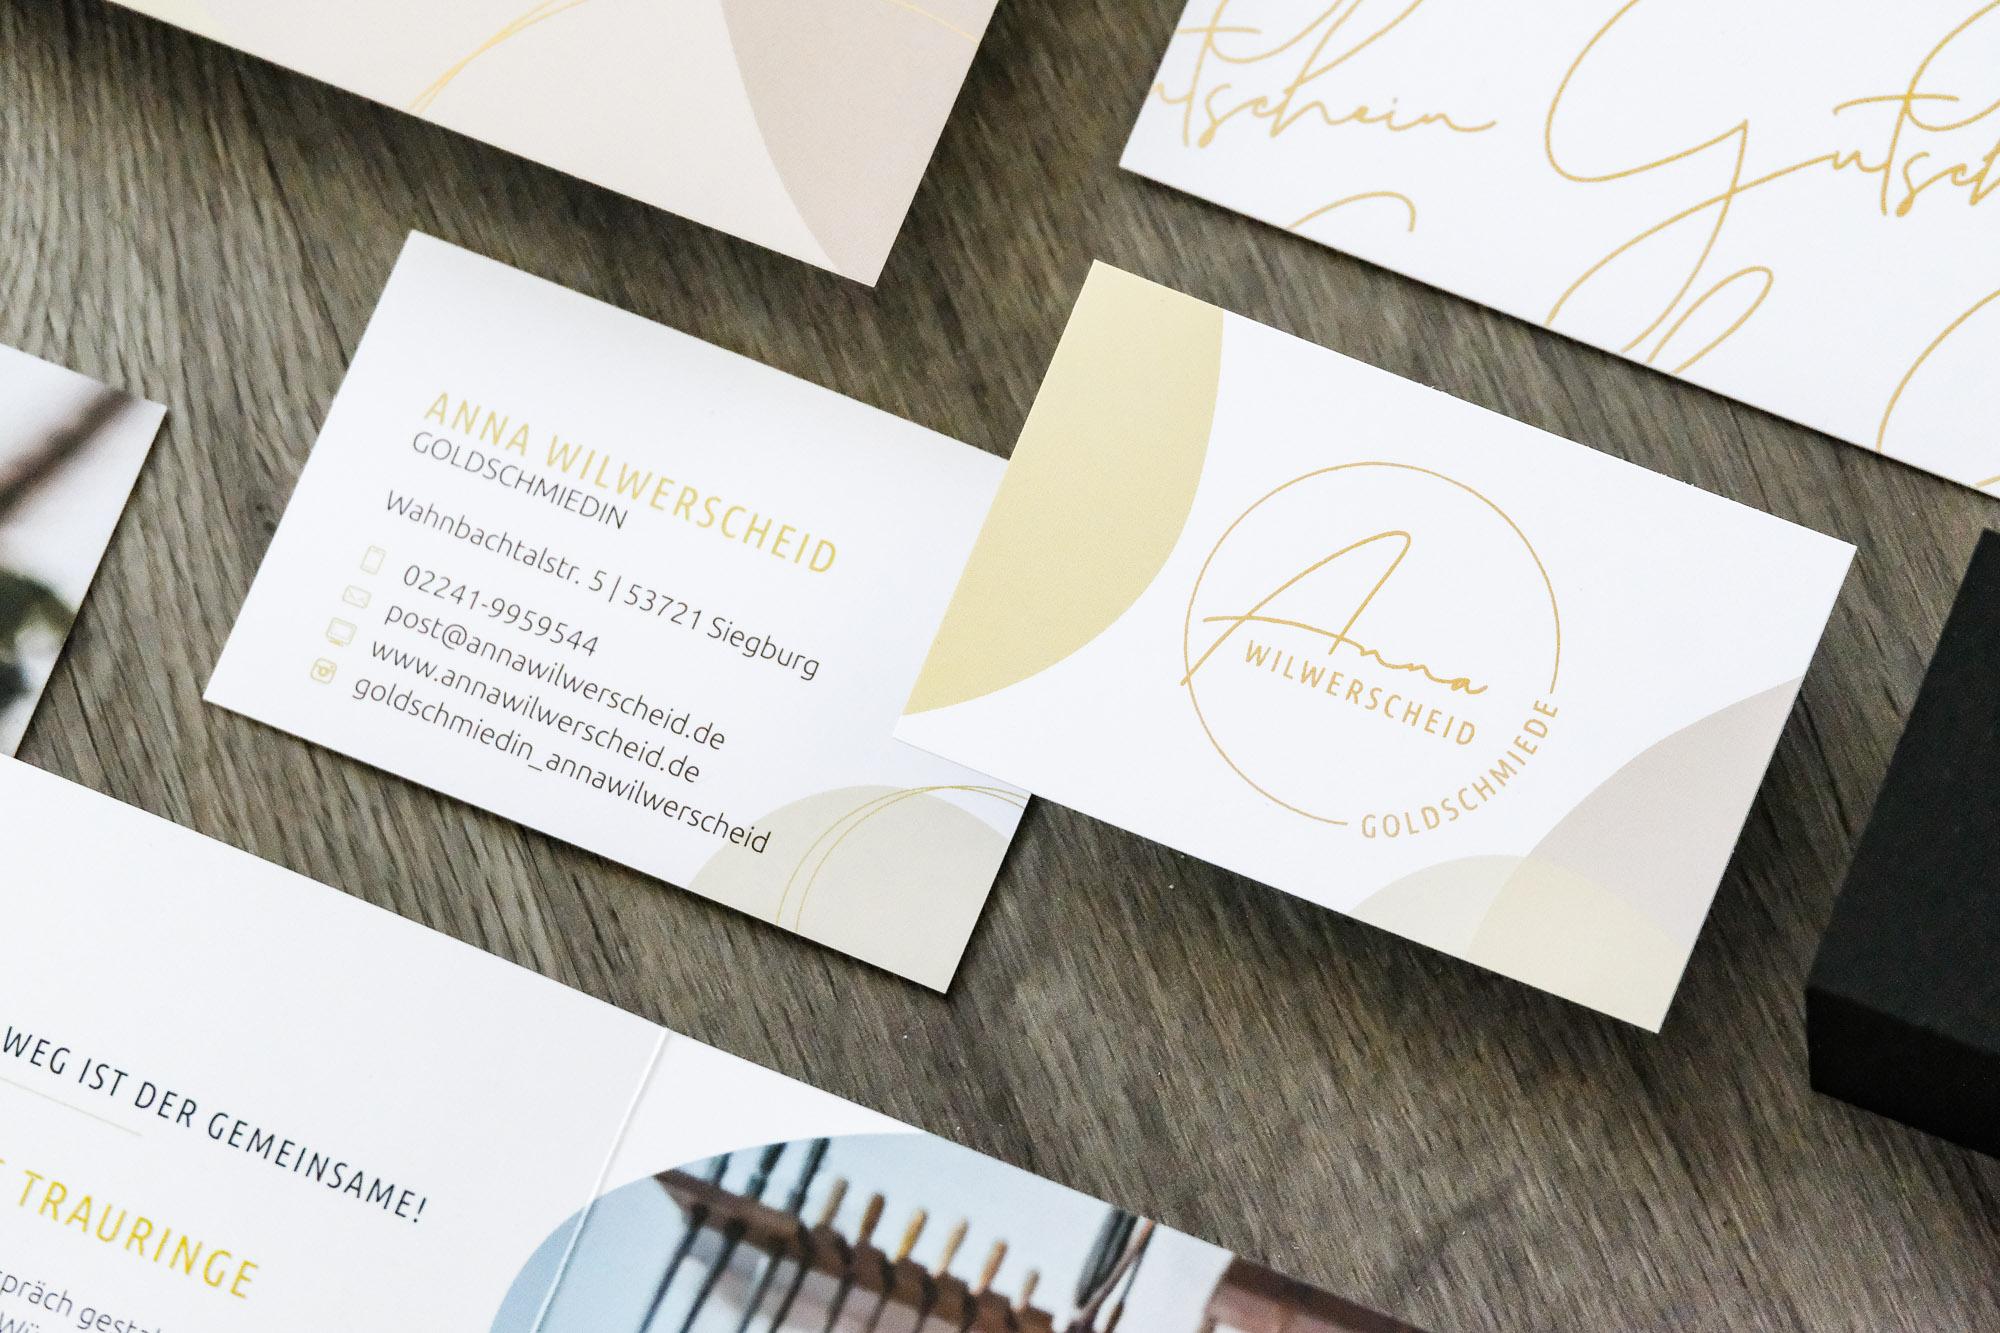 Gutscheine Postkarte Visitenkarte Flyer Golddruck Goldschmiede Anna Wilwerscheid